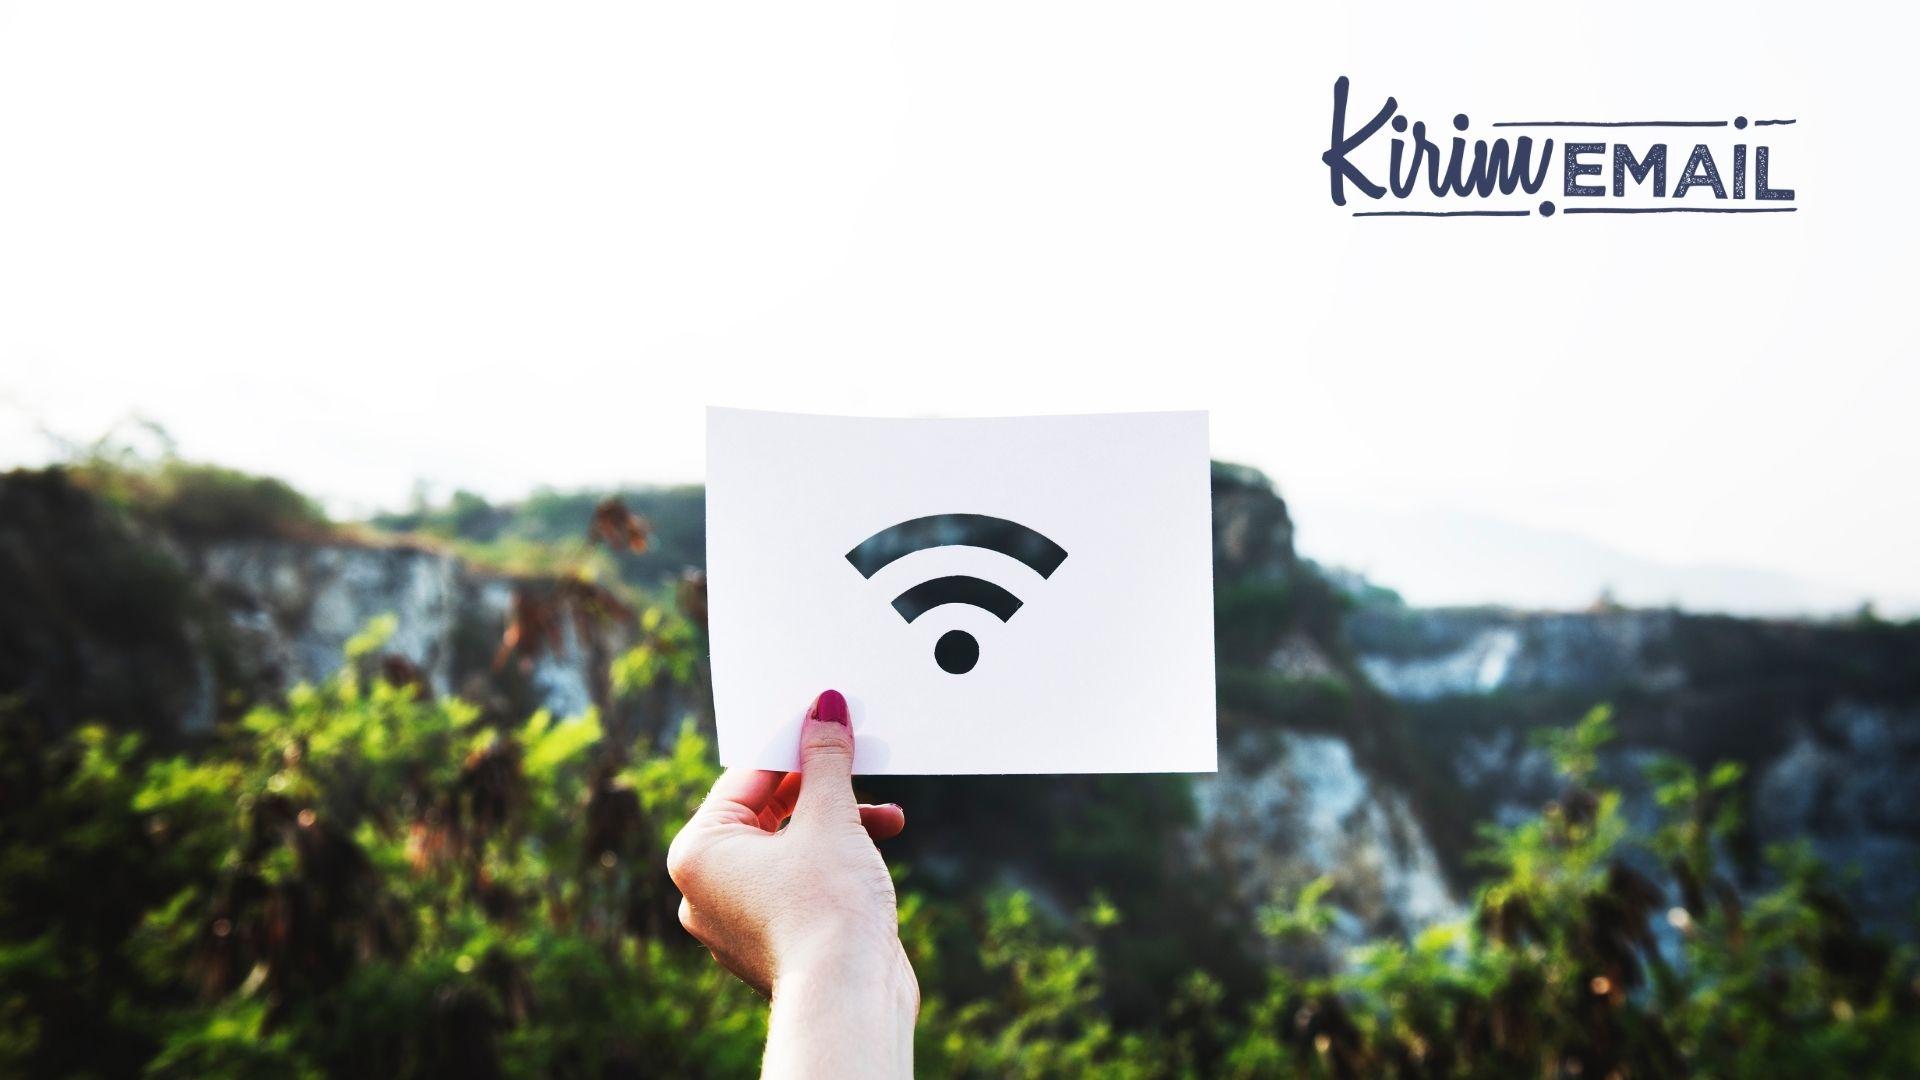 cara mengamankan wifi di rumah